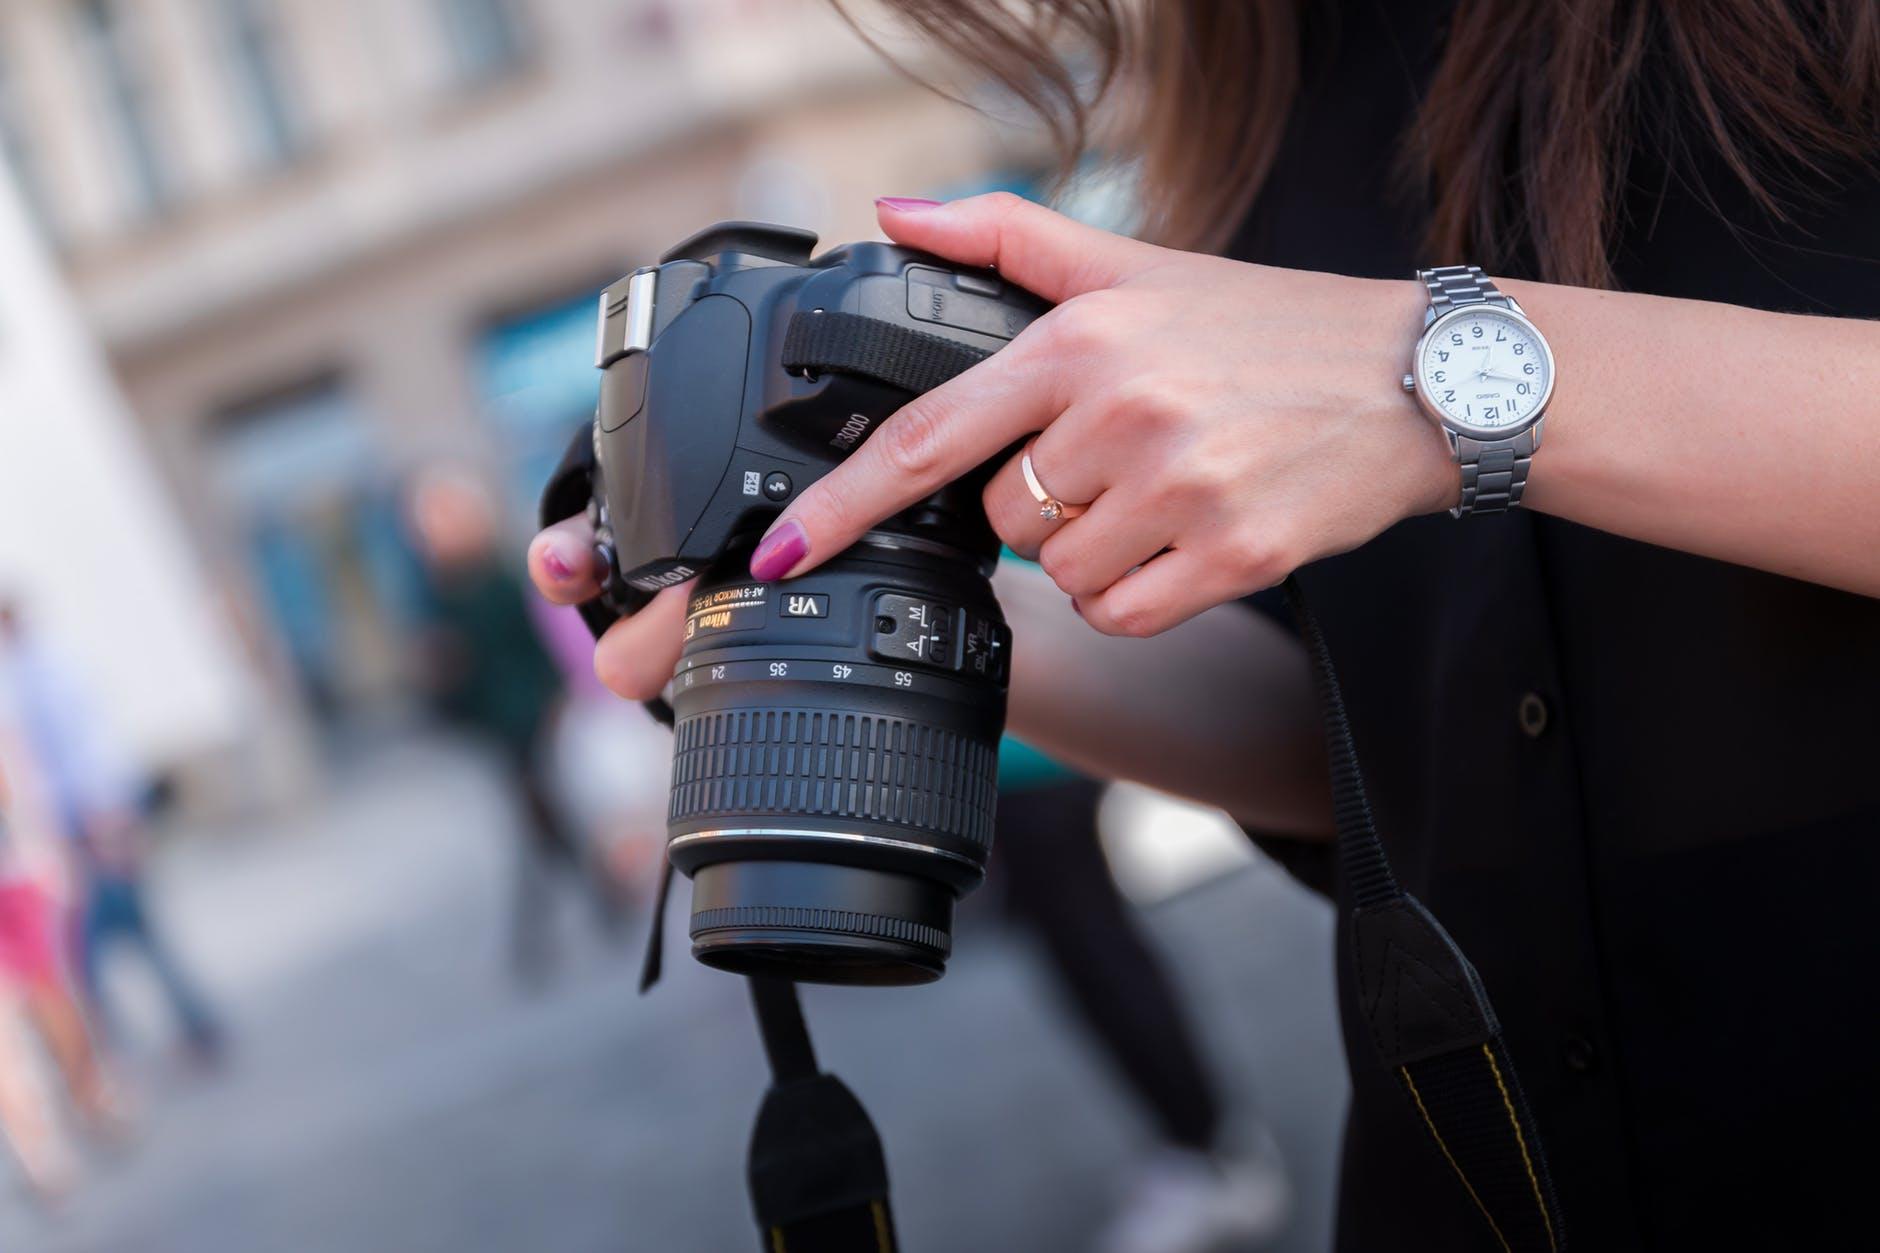 फोटोग्राफी में करियर : कोर्स,अवधी, प्रक्रिया,सैलरी, पूरी जानकारी   Career in Photography